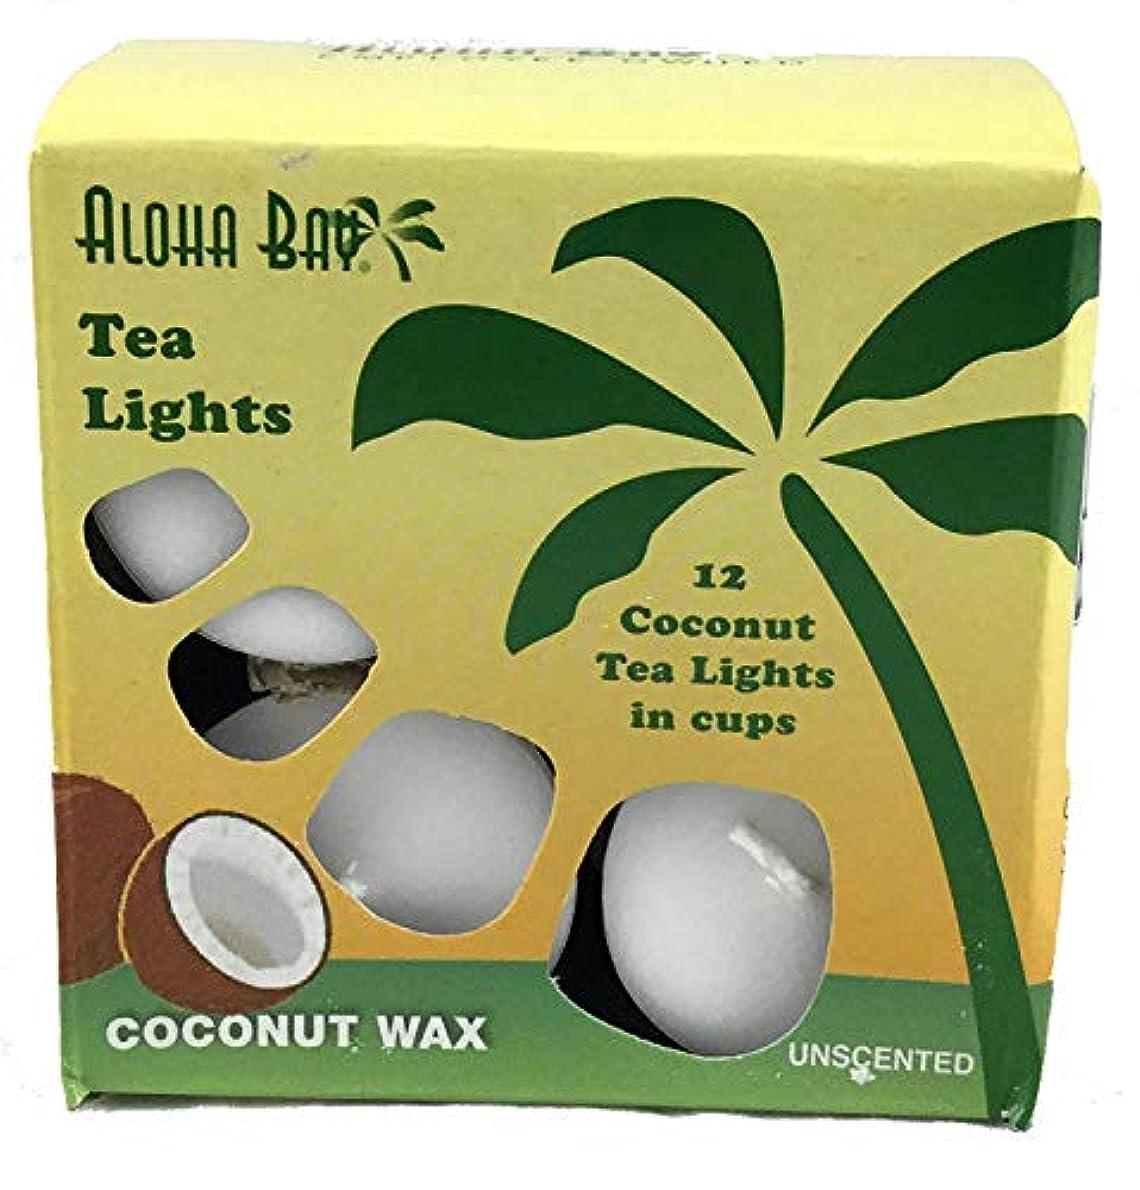 見つけたシットコム彼らのAloha Bay - 100% 植物性パーム ワックス茶軽い蝋燭無香料ホワイト - 12パック